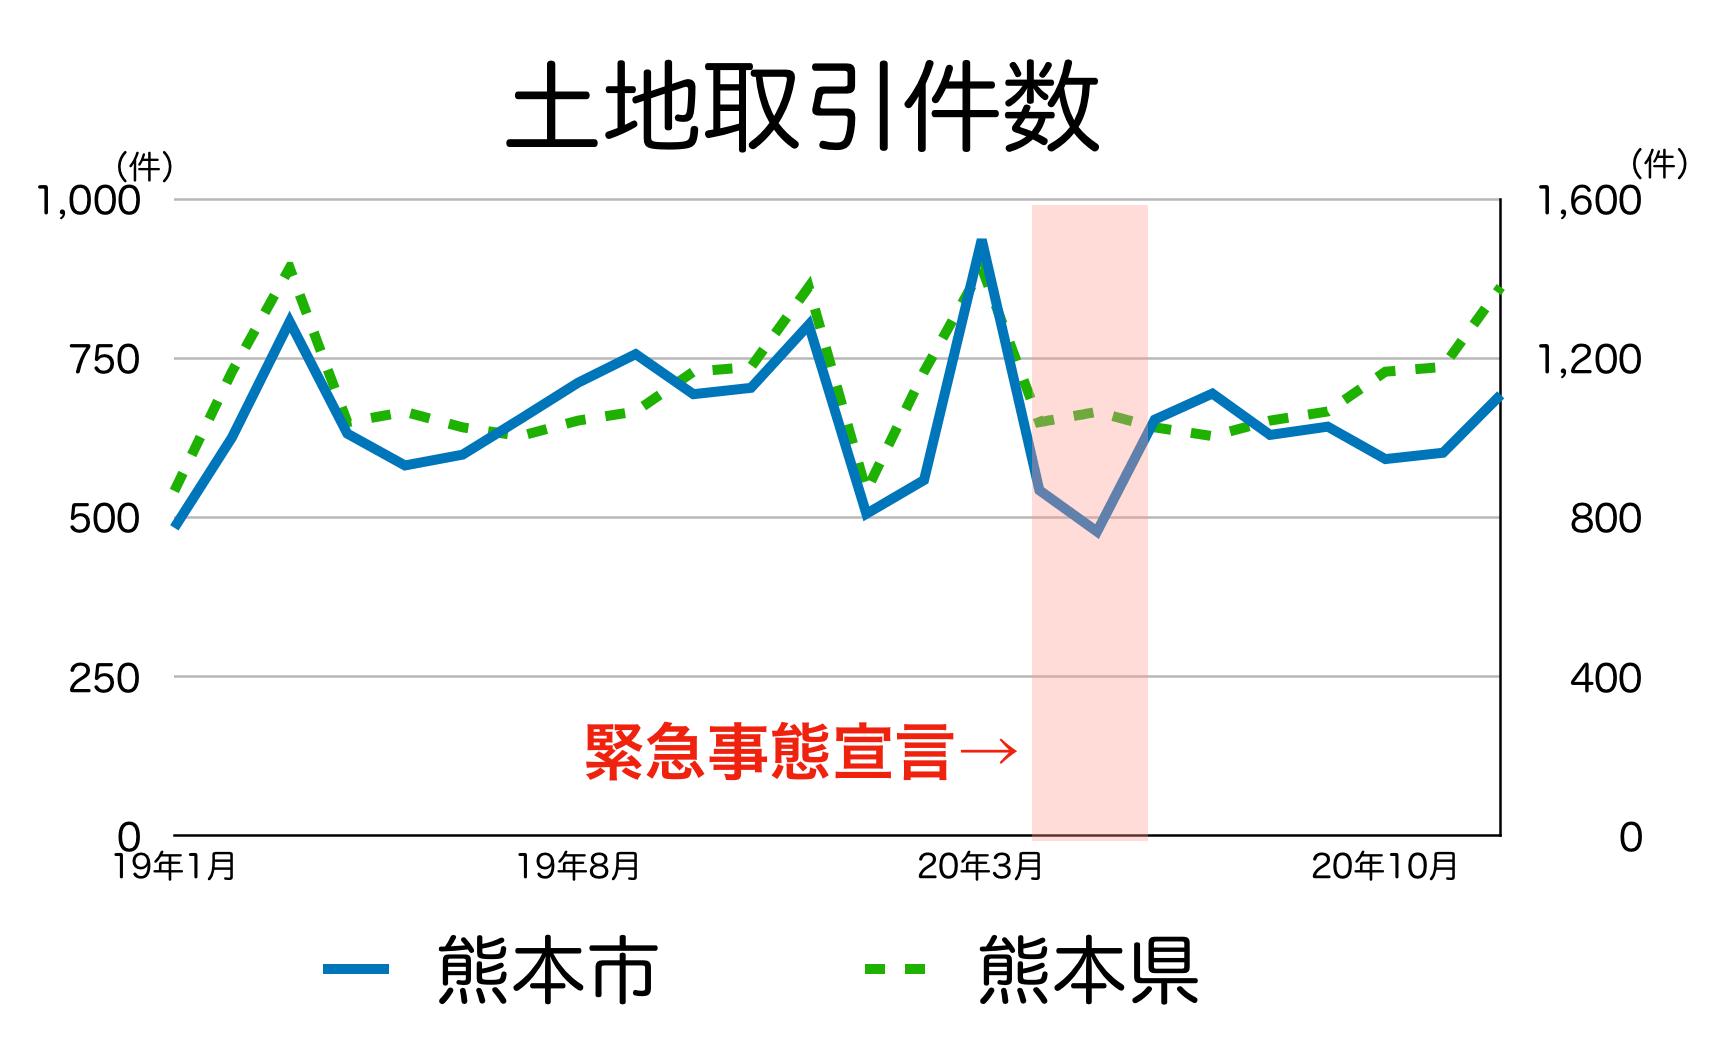 熊本市の土地取引件数